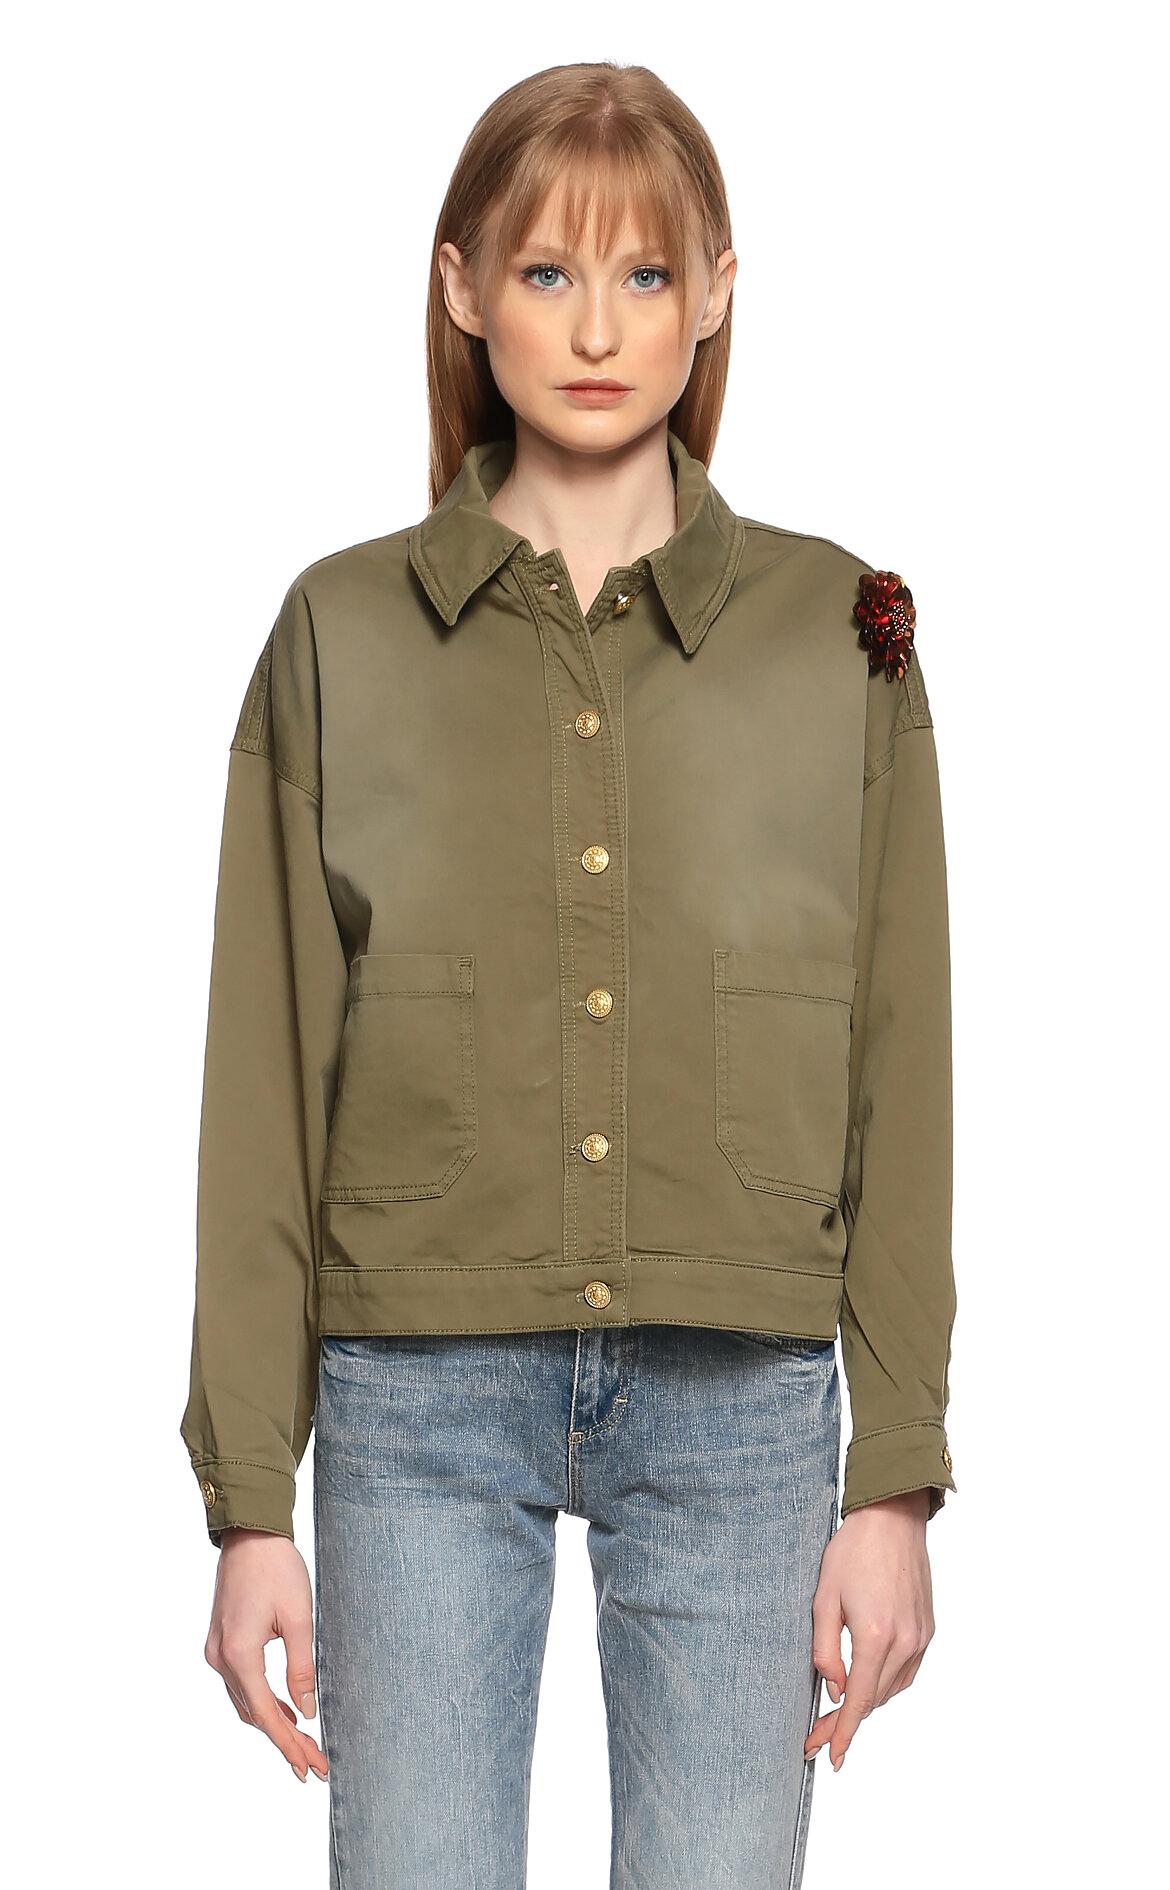 Silvian Heach-Silvian Heach İşleme Detaylı Yeşil Ceket